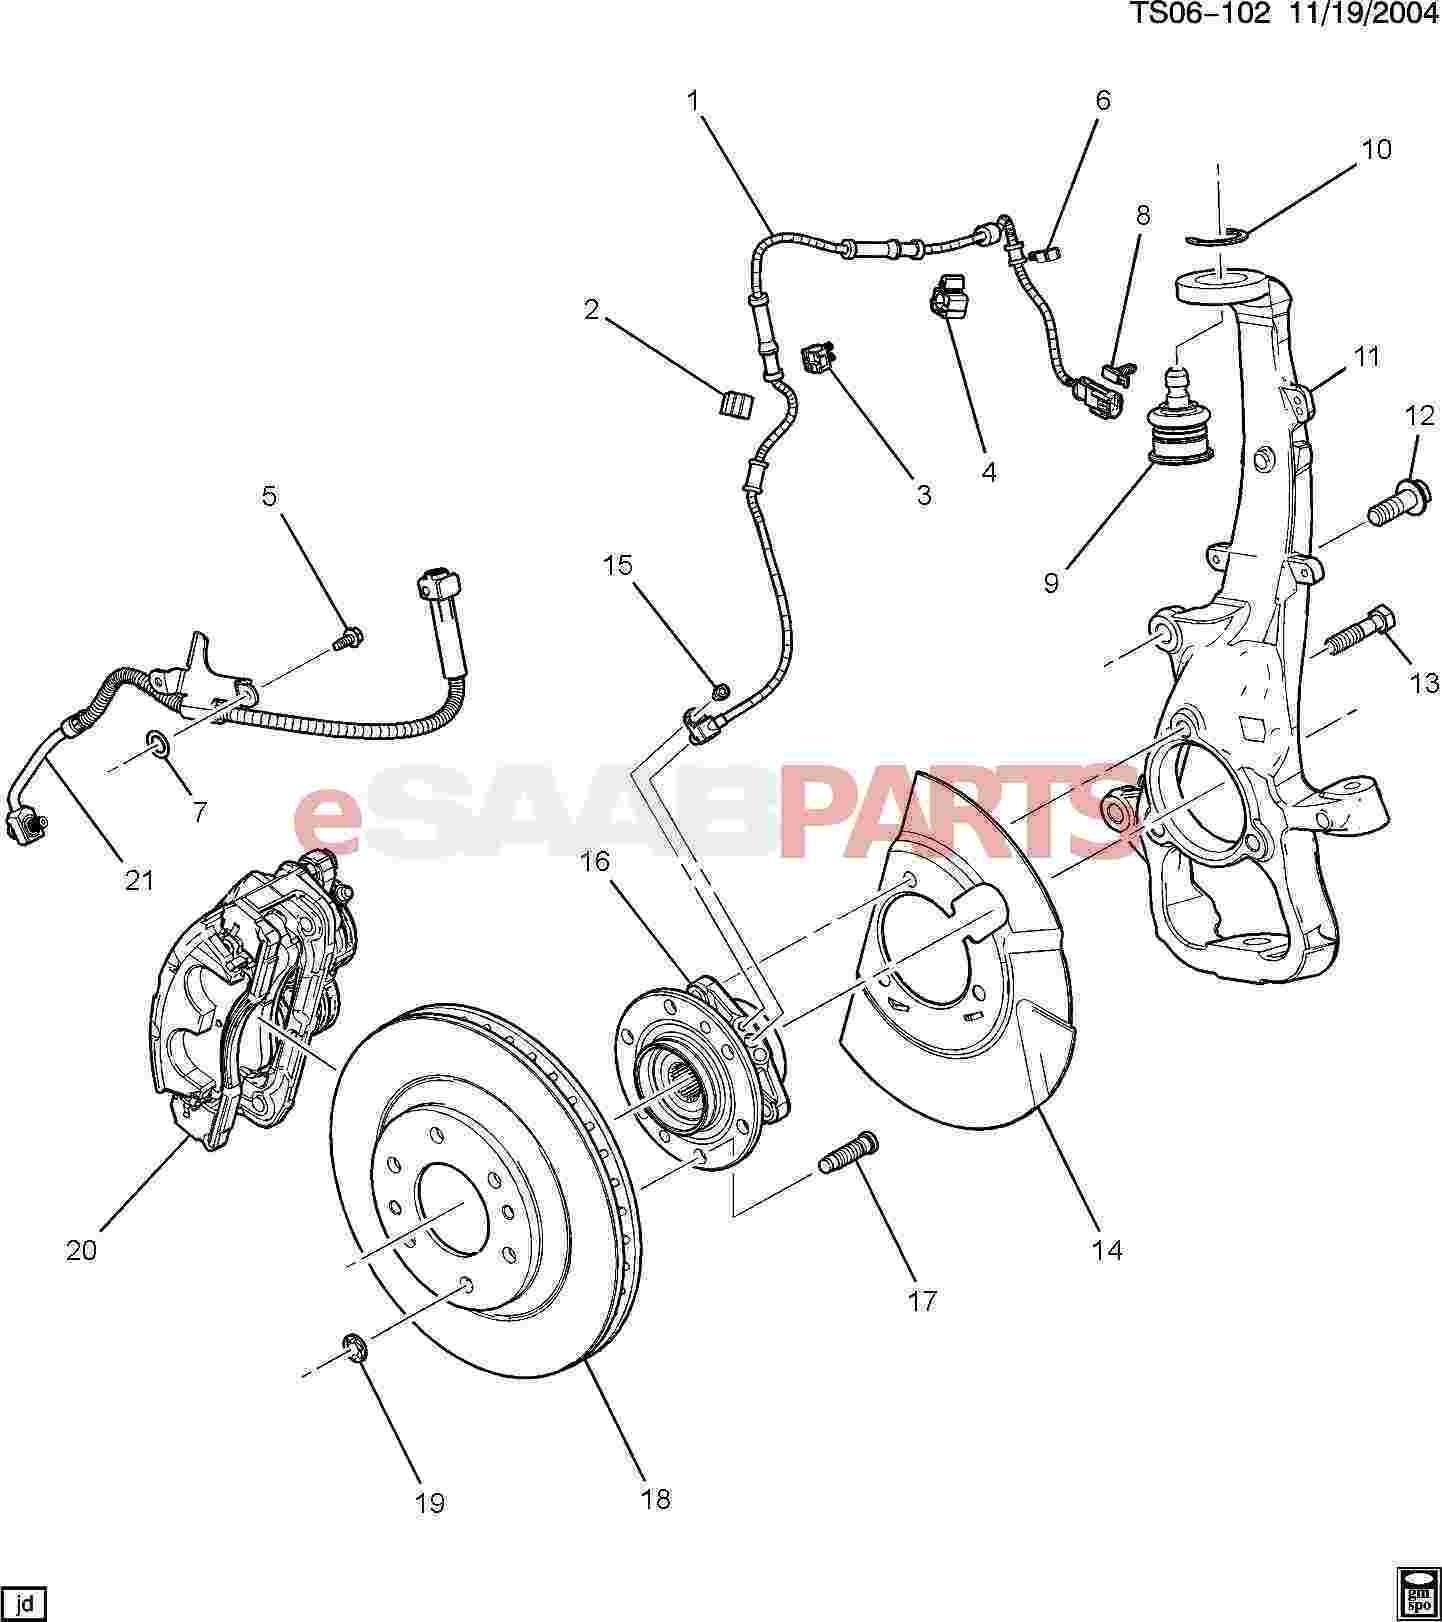 Brake Calipers Diagram Brake Caliper Parts Diagram Of Brake Calipers Diagram